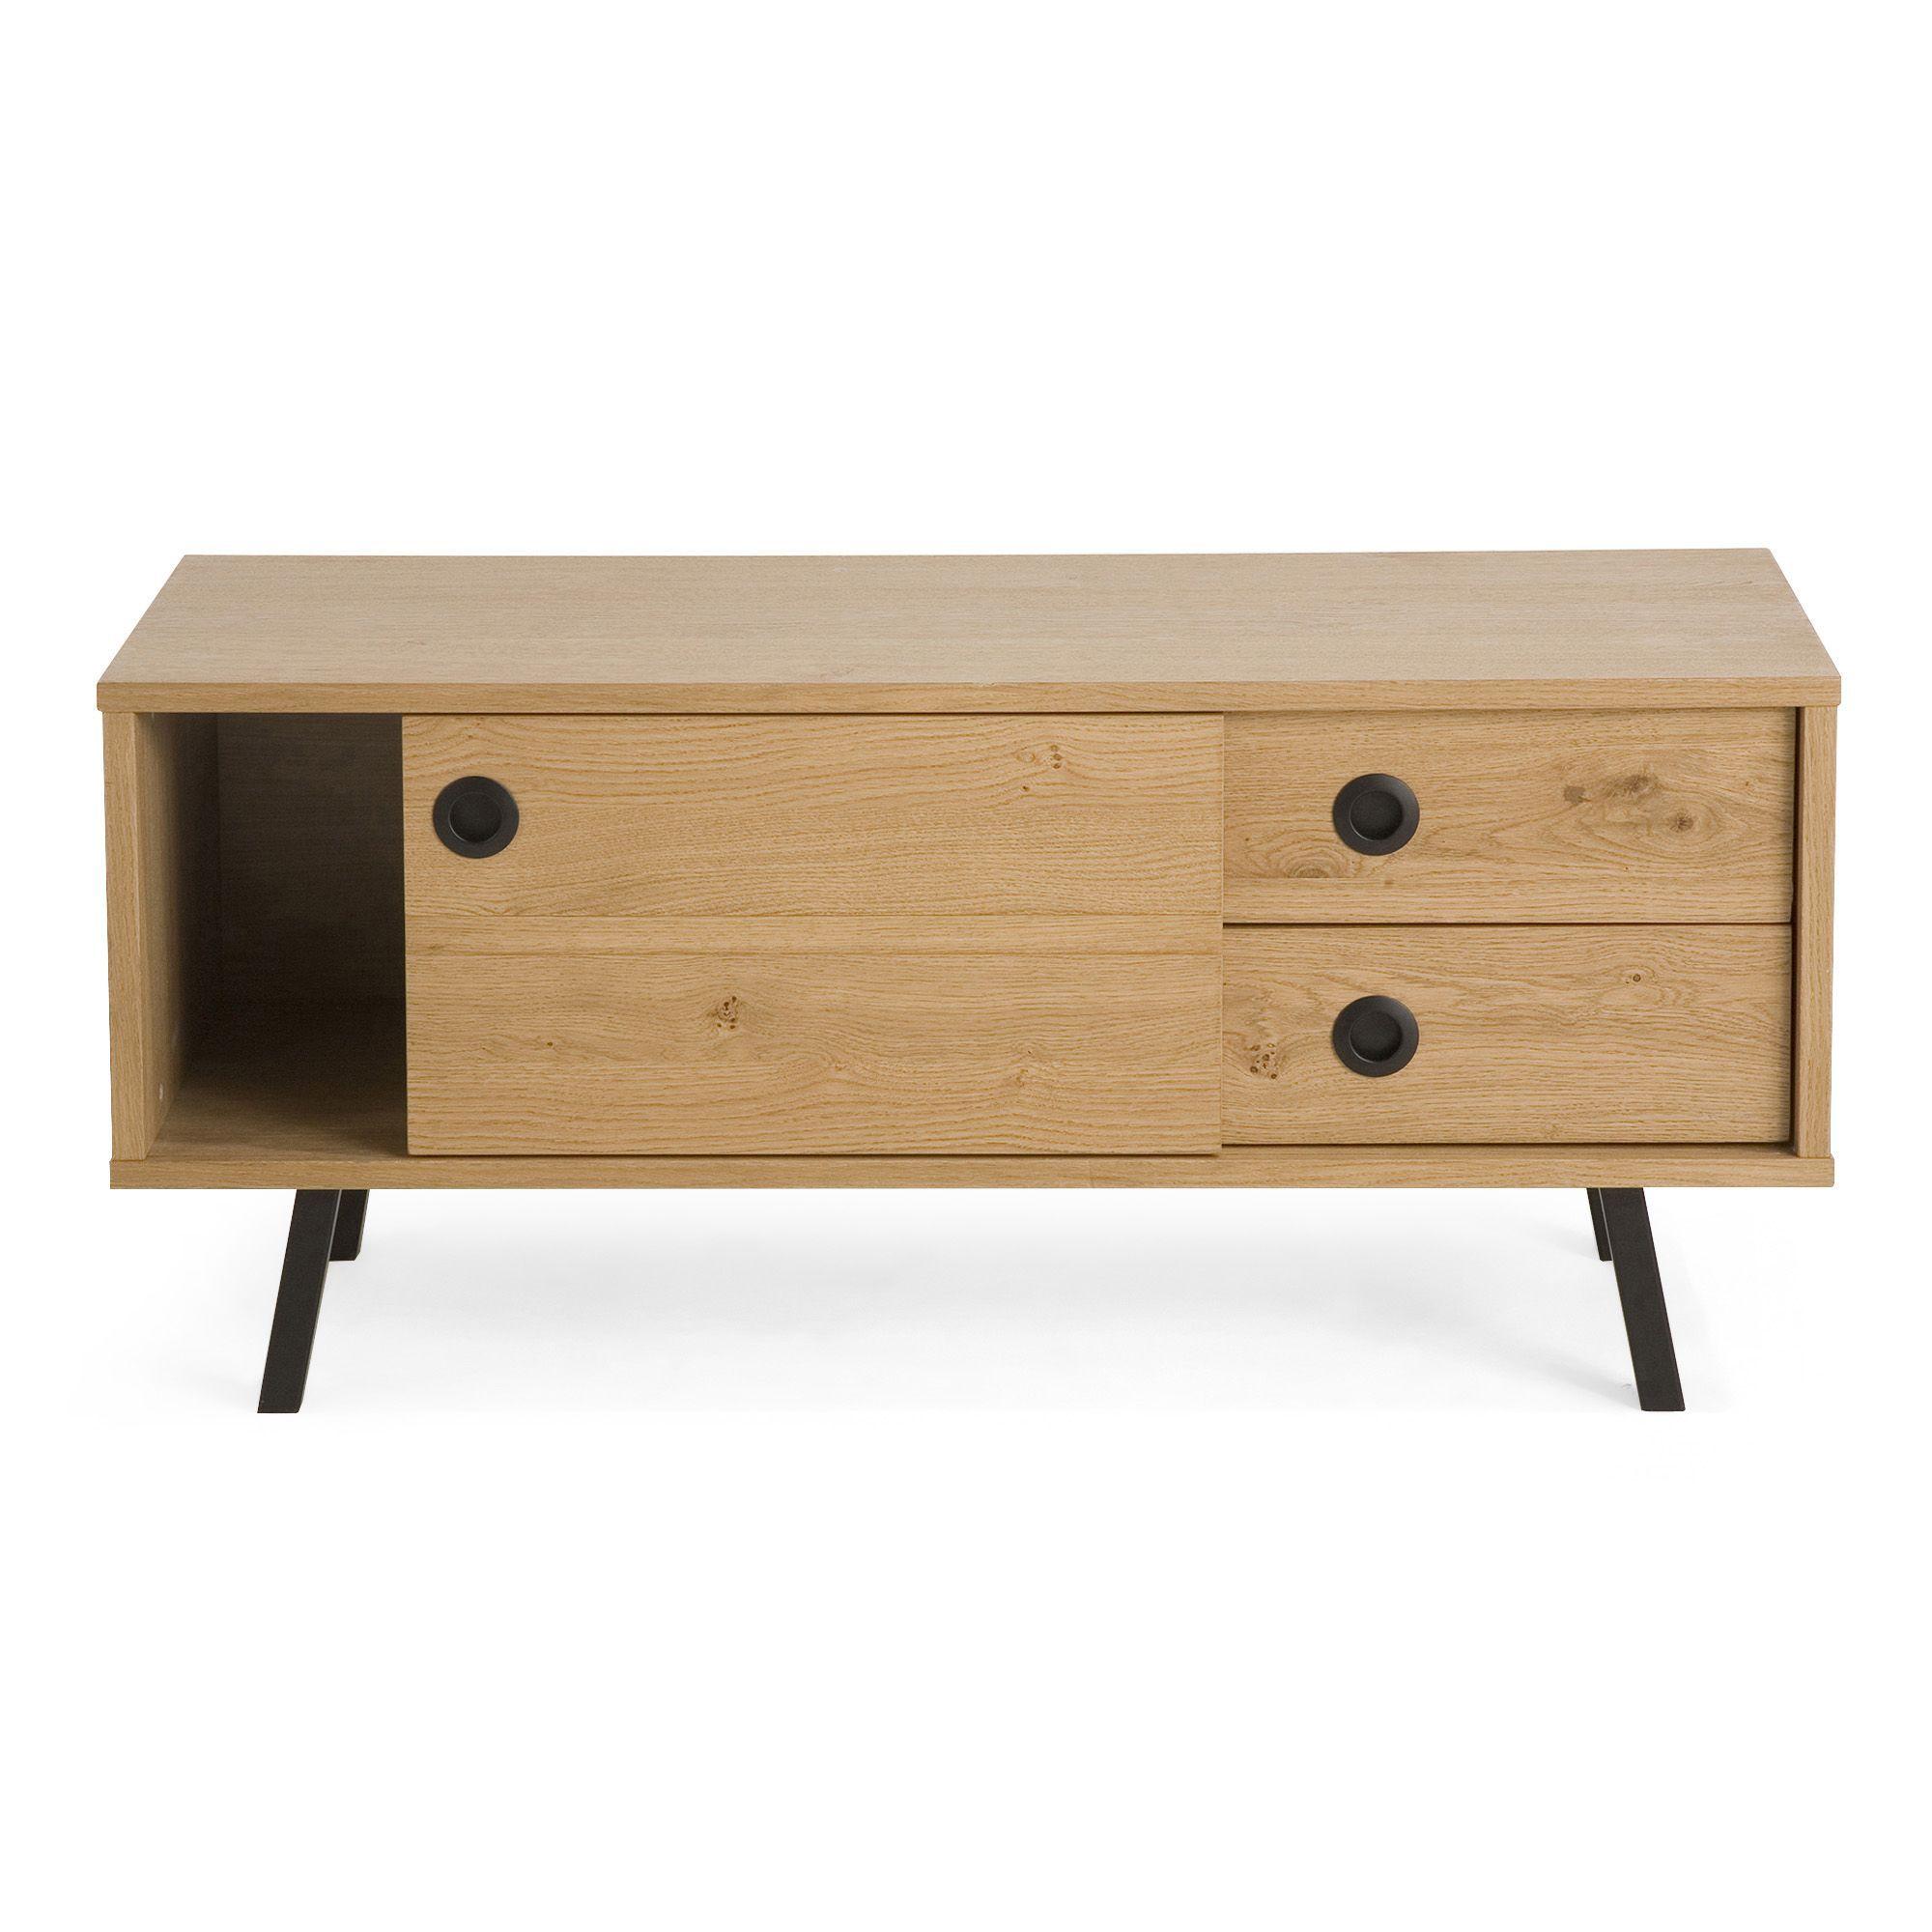 meuble tv 1 porte coulissante et 2 tiroirs norway meuble les meubles tl - Alinea Meuble Tv Porte Coulissante